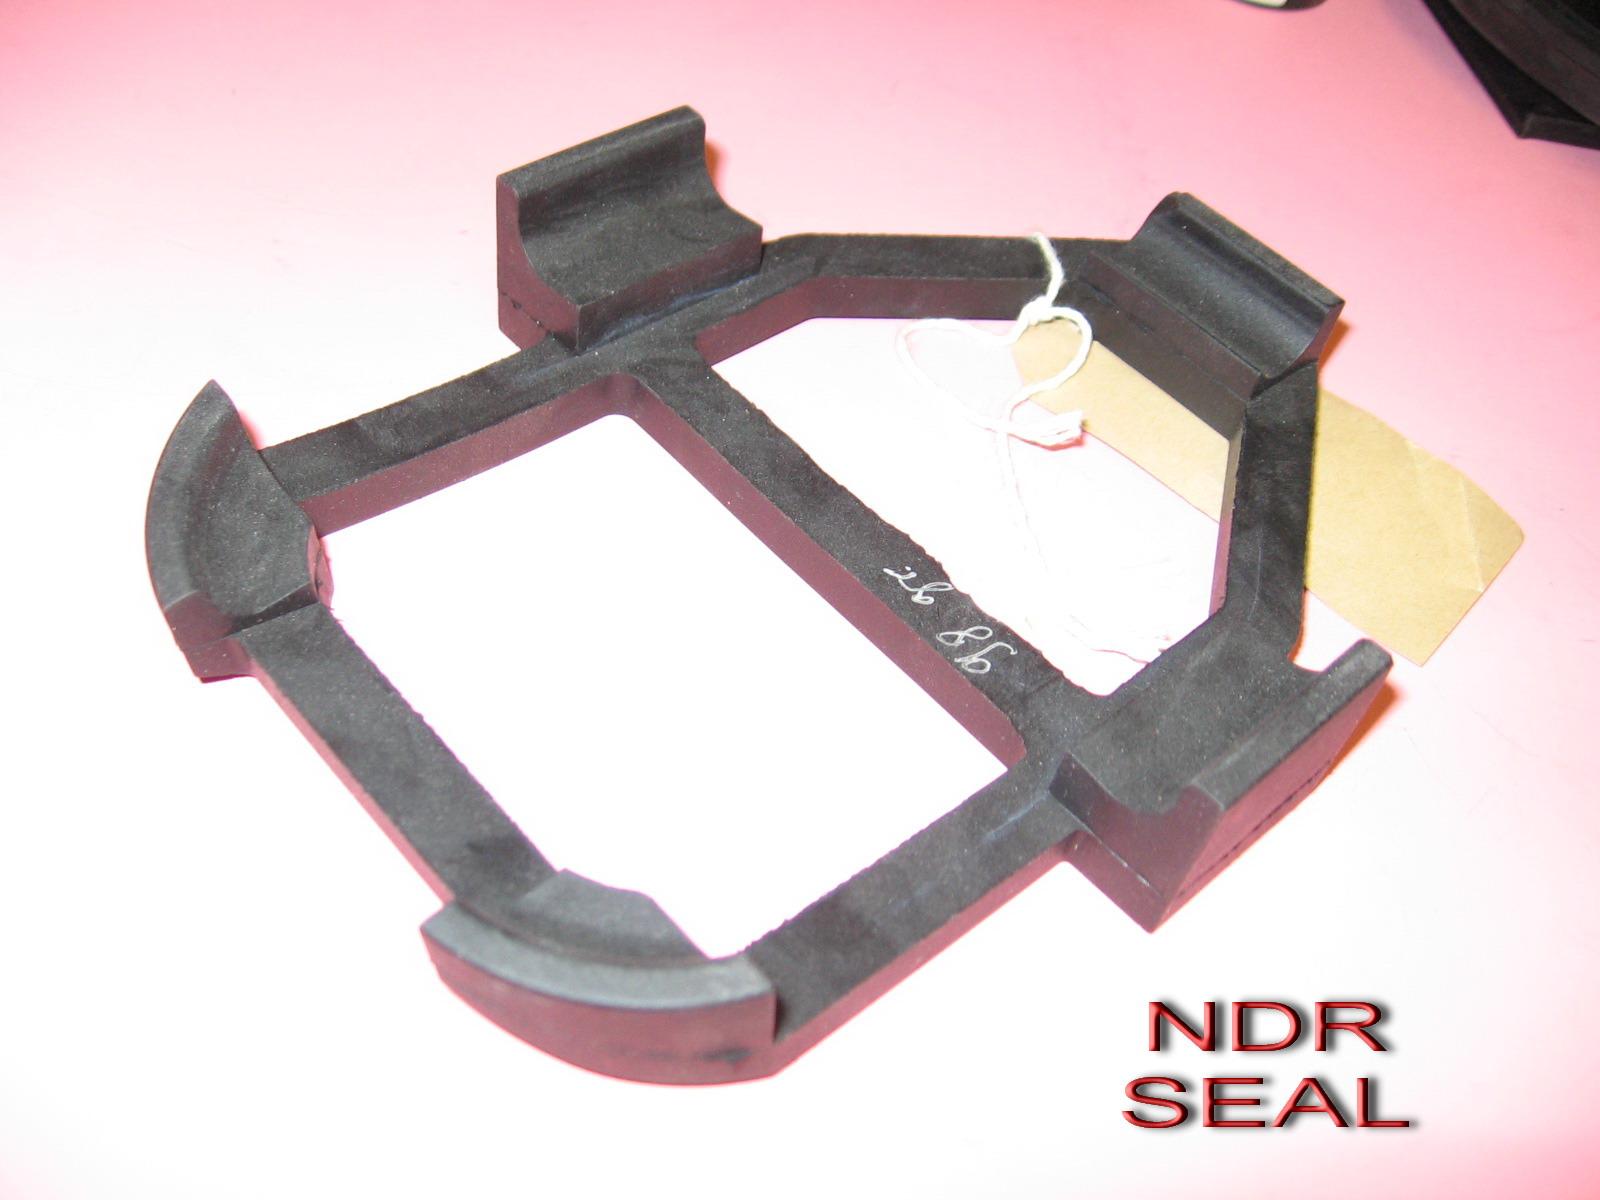 NDR seal